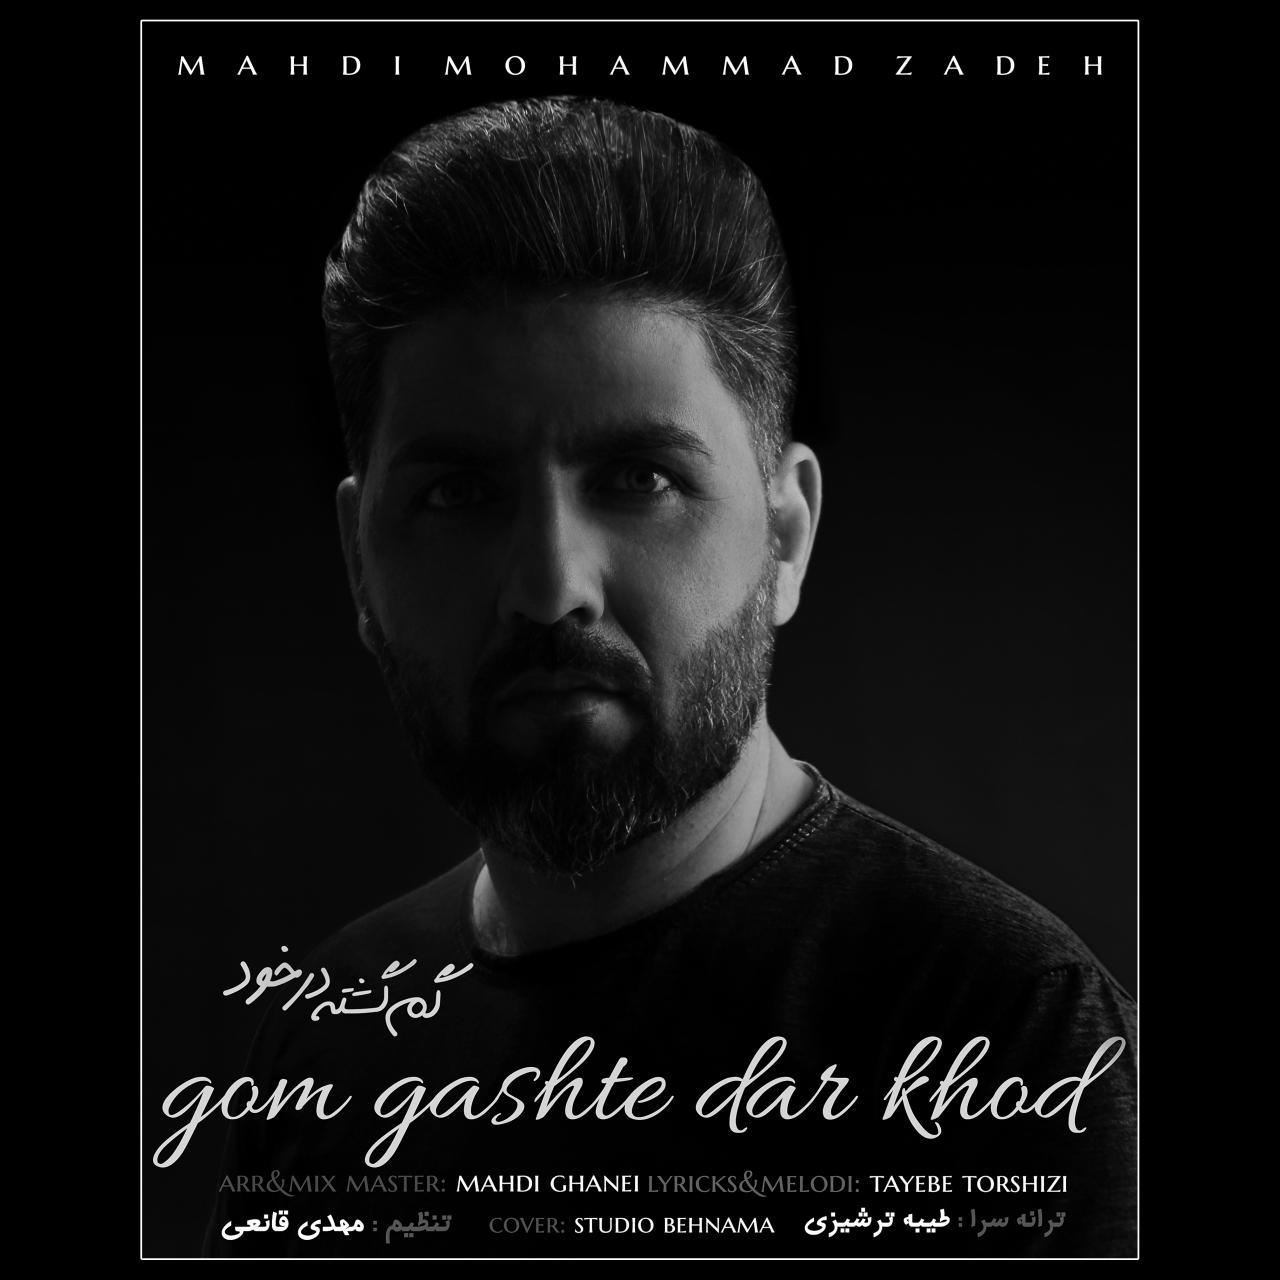 Mehdi Mohammad Zadeh – Gom Gashte Dar Khod